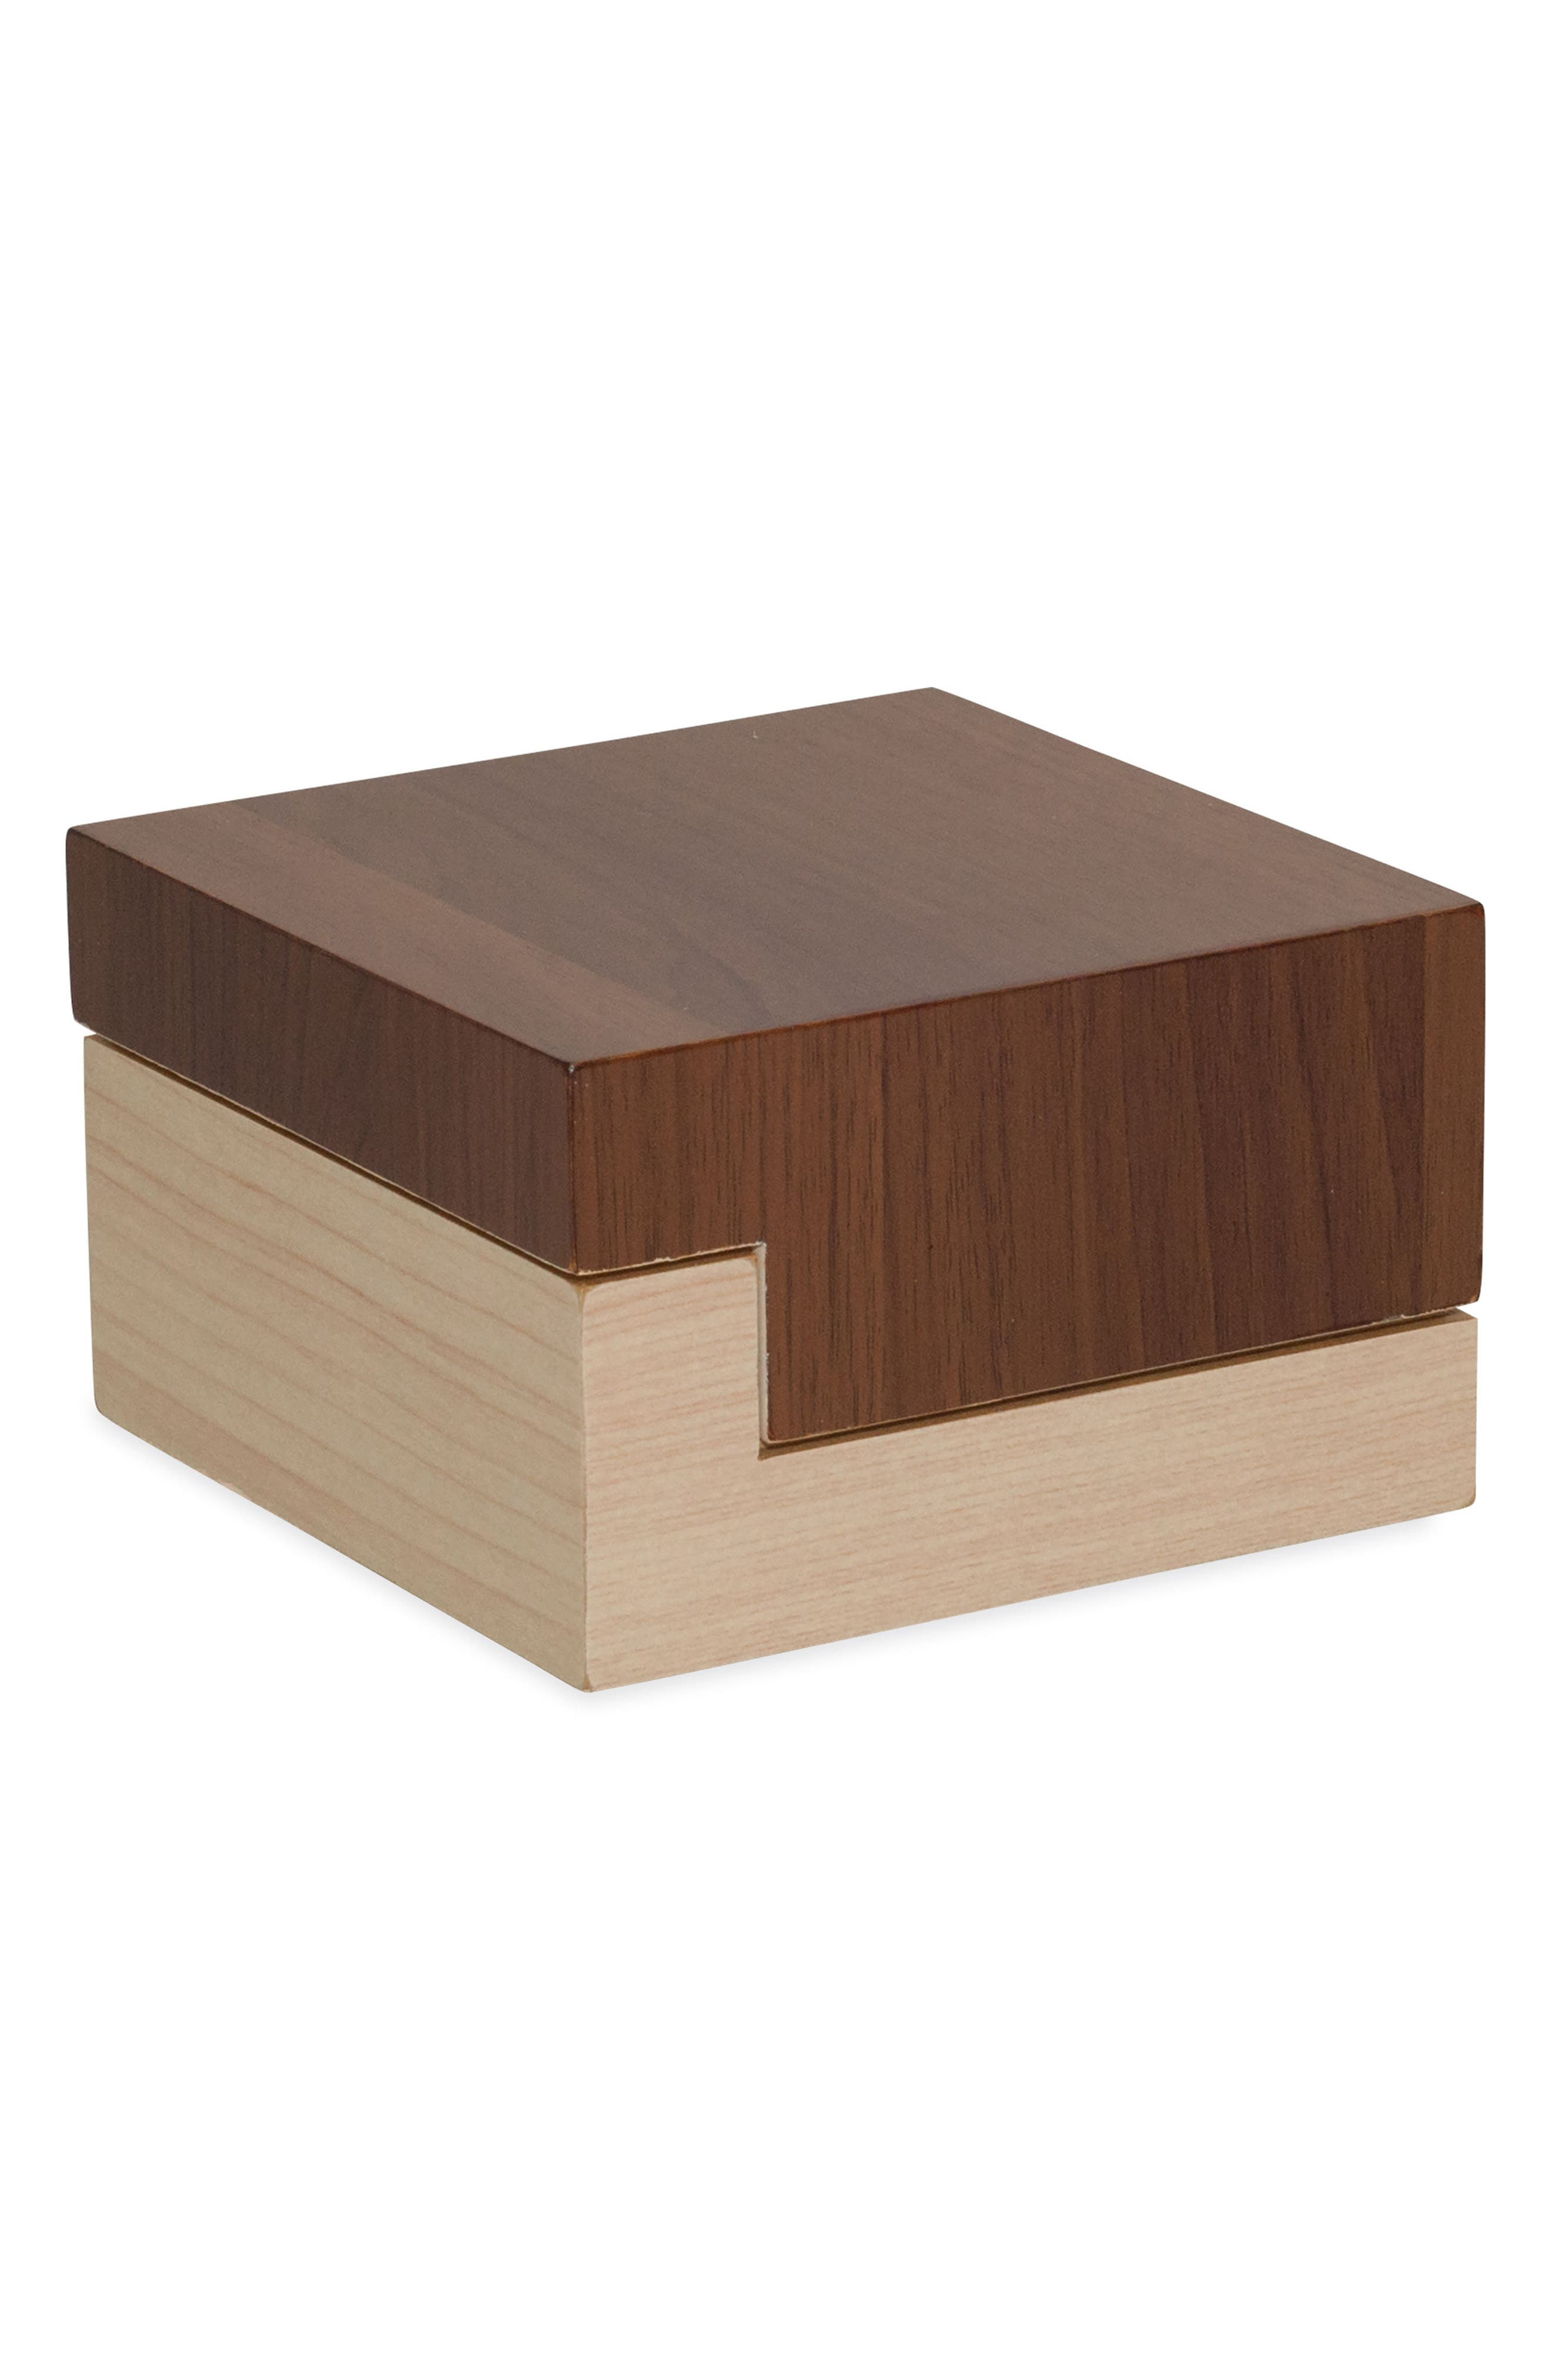 Wood Block Covered Jar,                         Main,                         color,